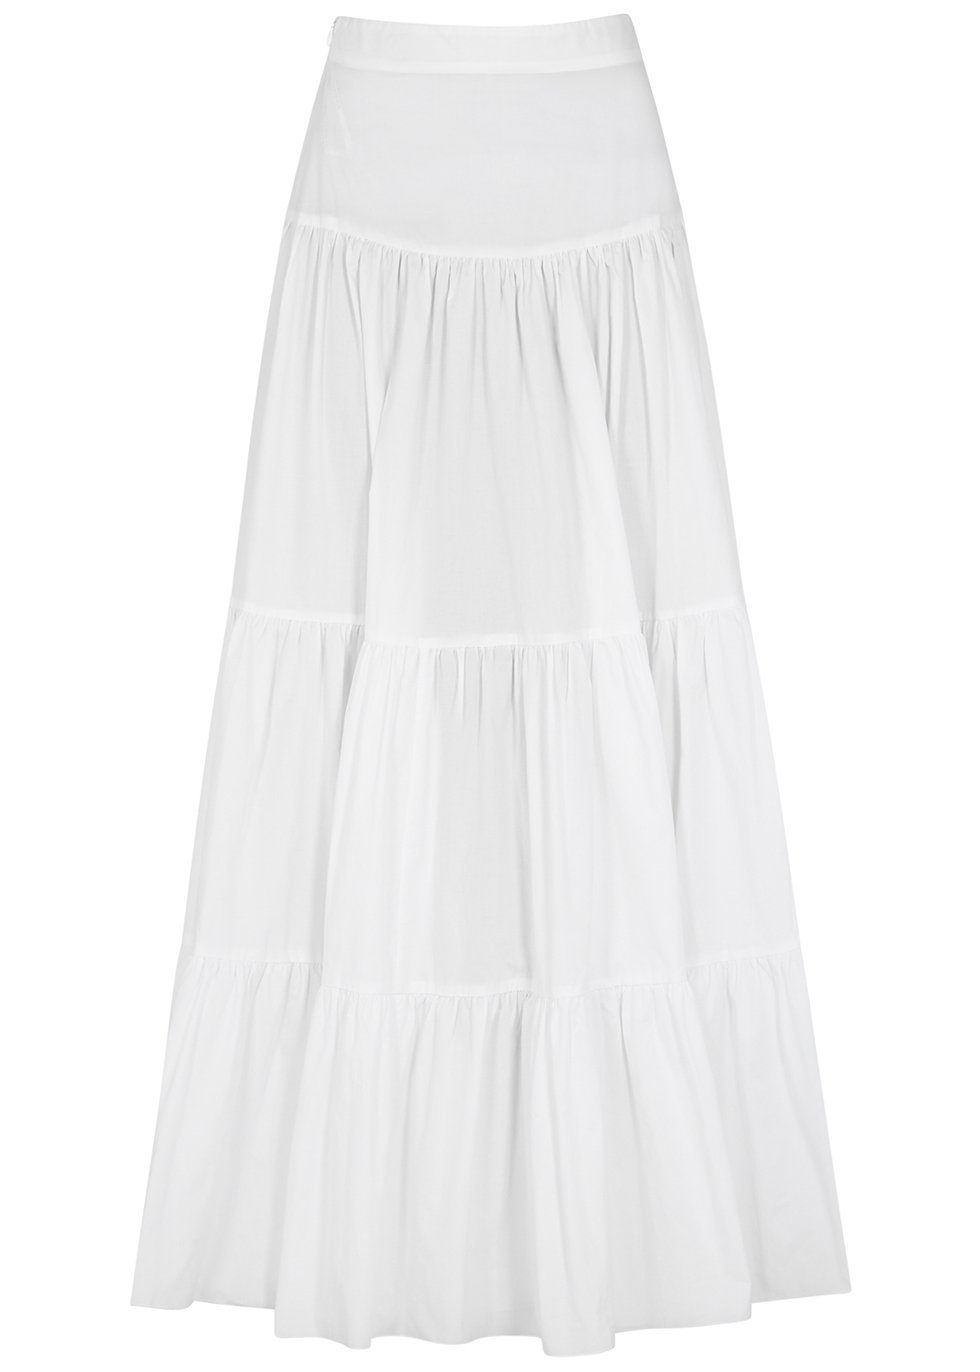 Elouise white tiered cotton maxi skirt